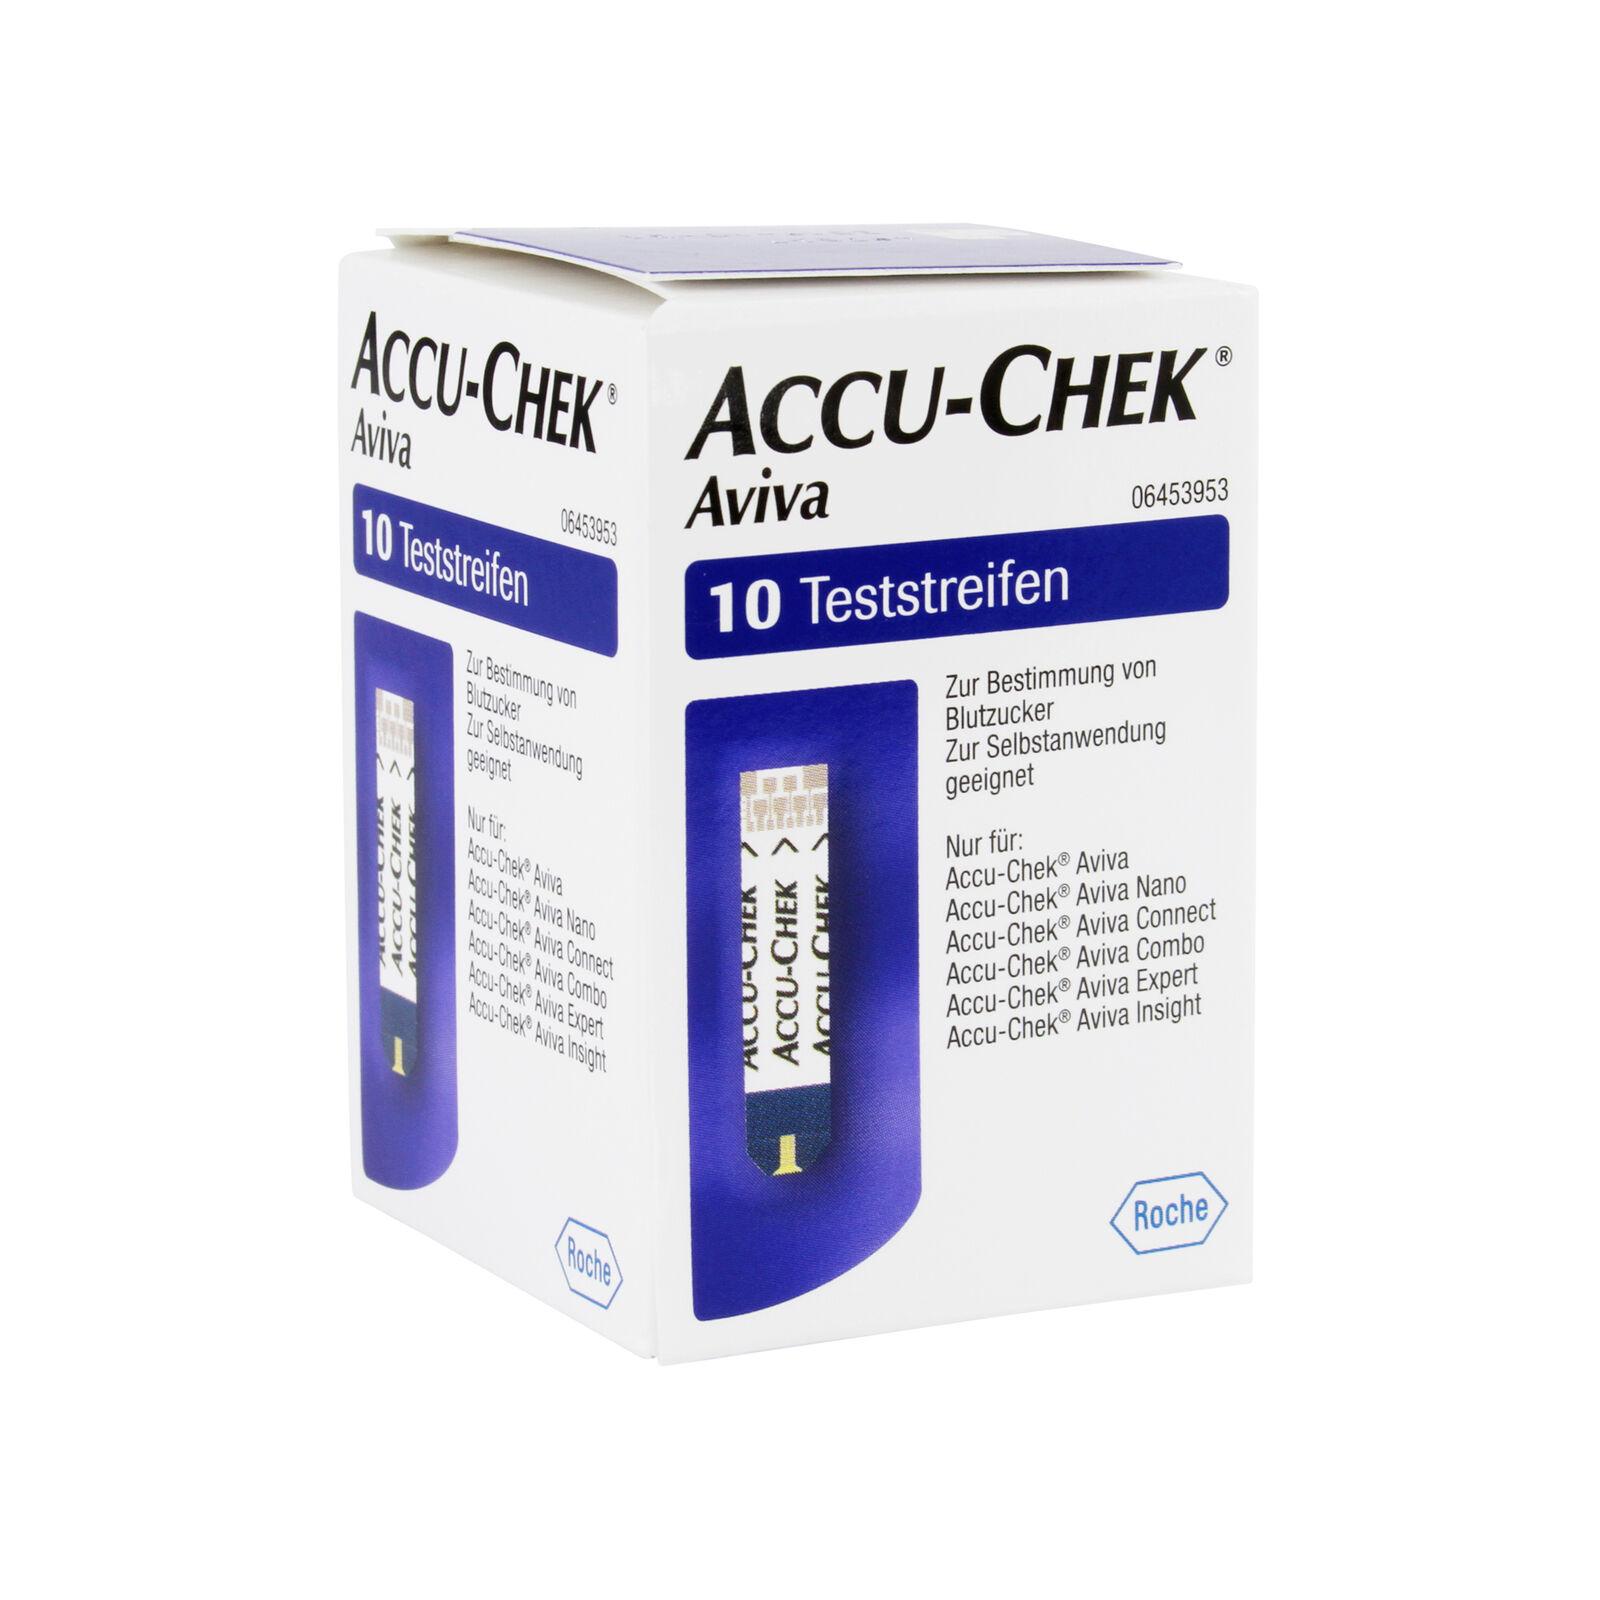 ACCU-CHEK Aviva Teststreifen, Packung mit 10 Stück